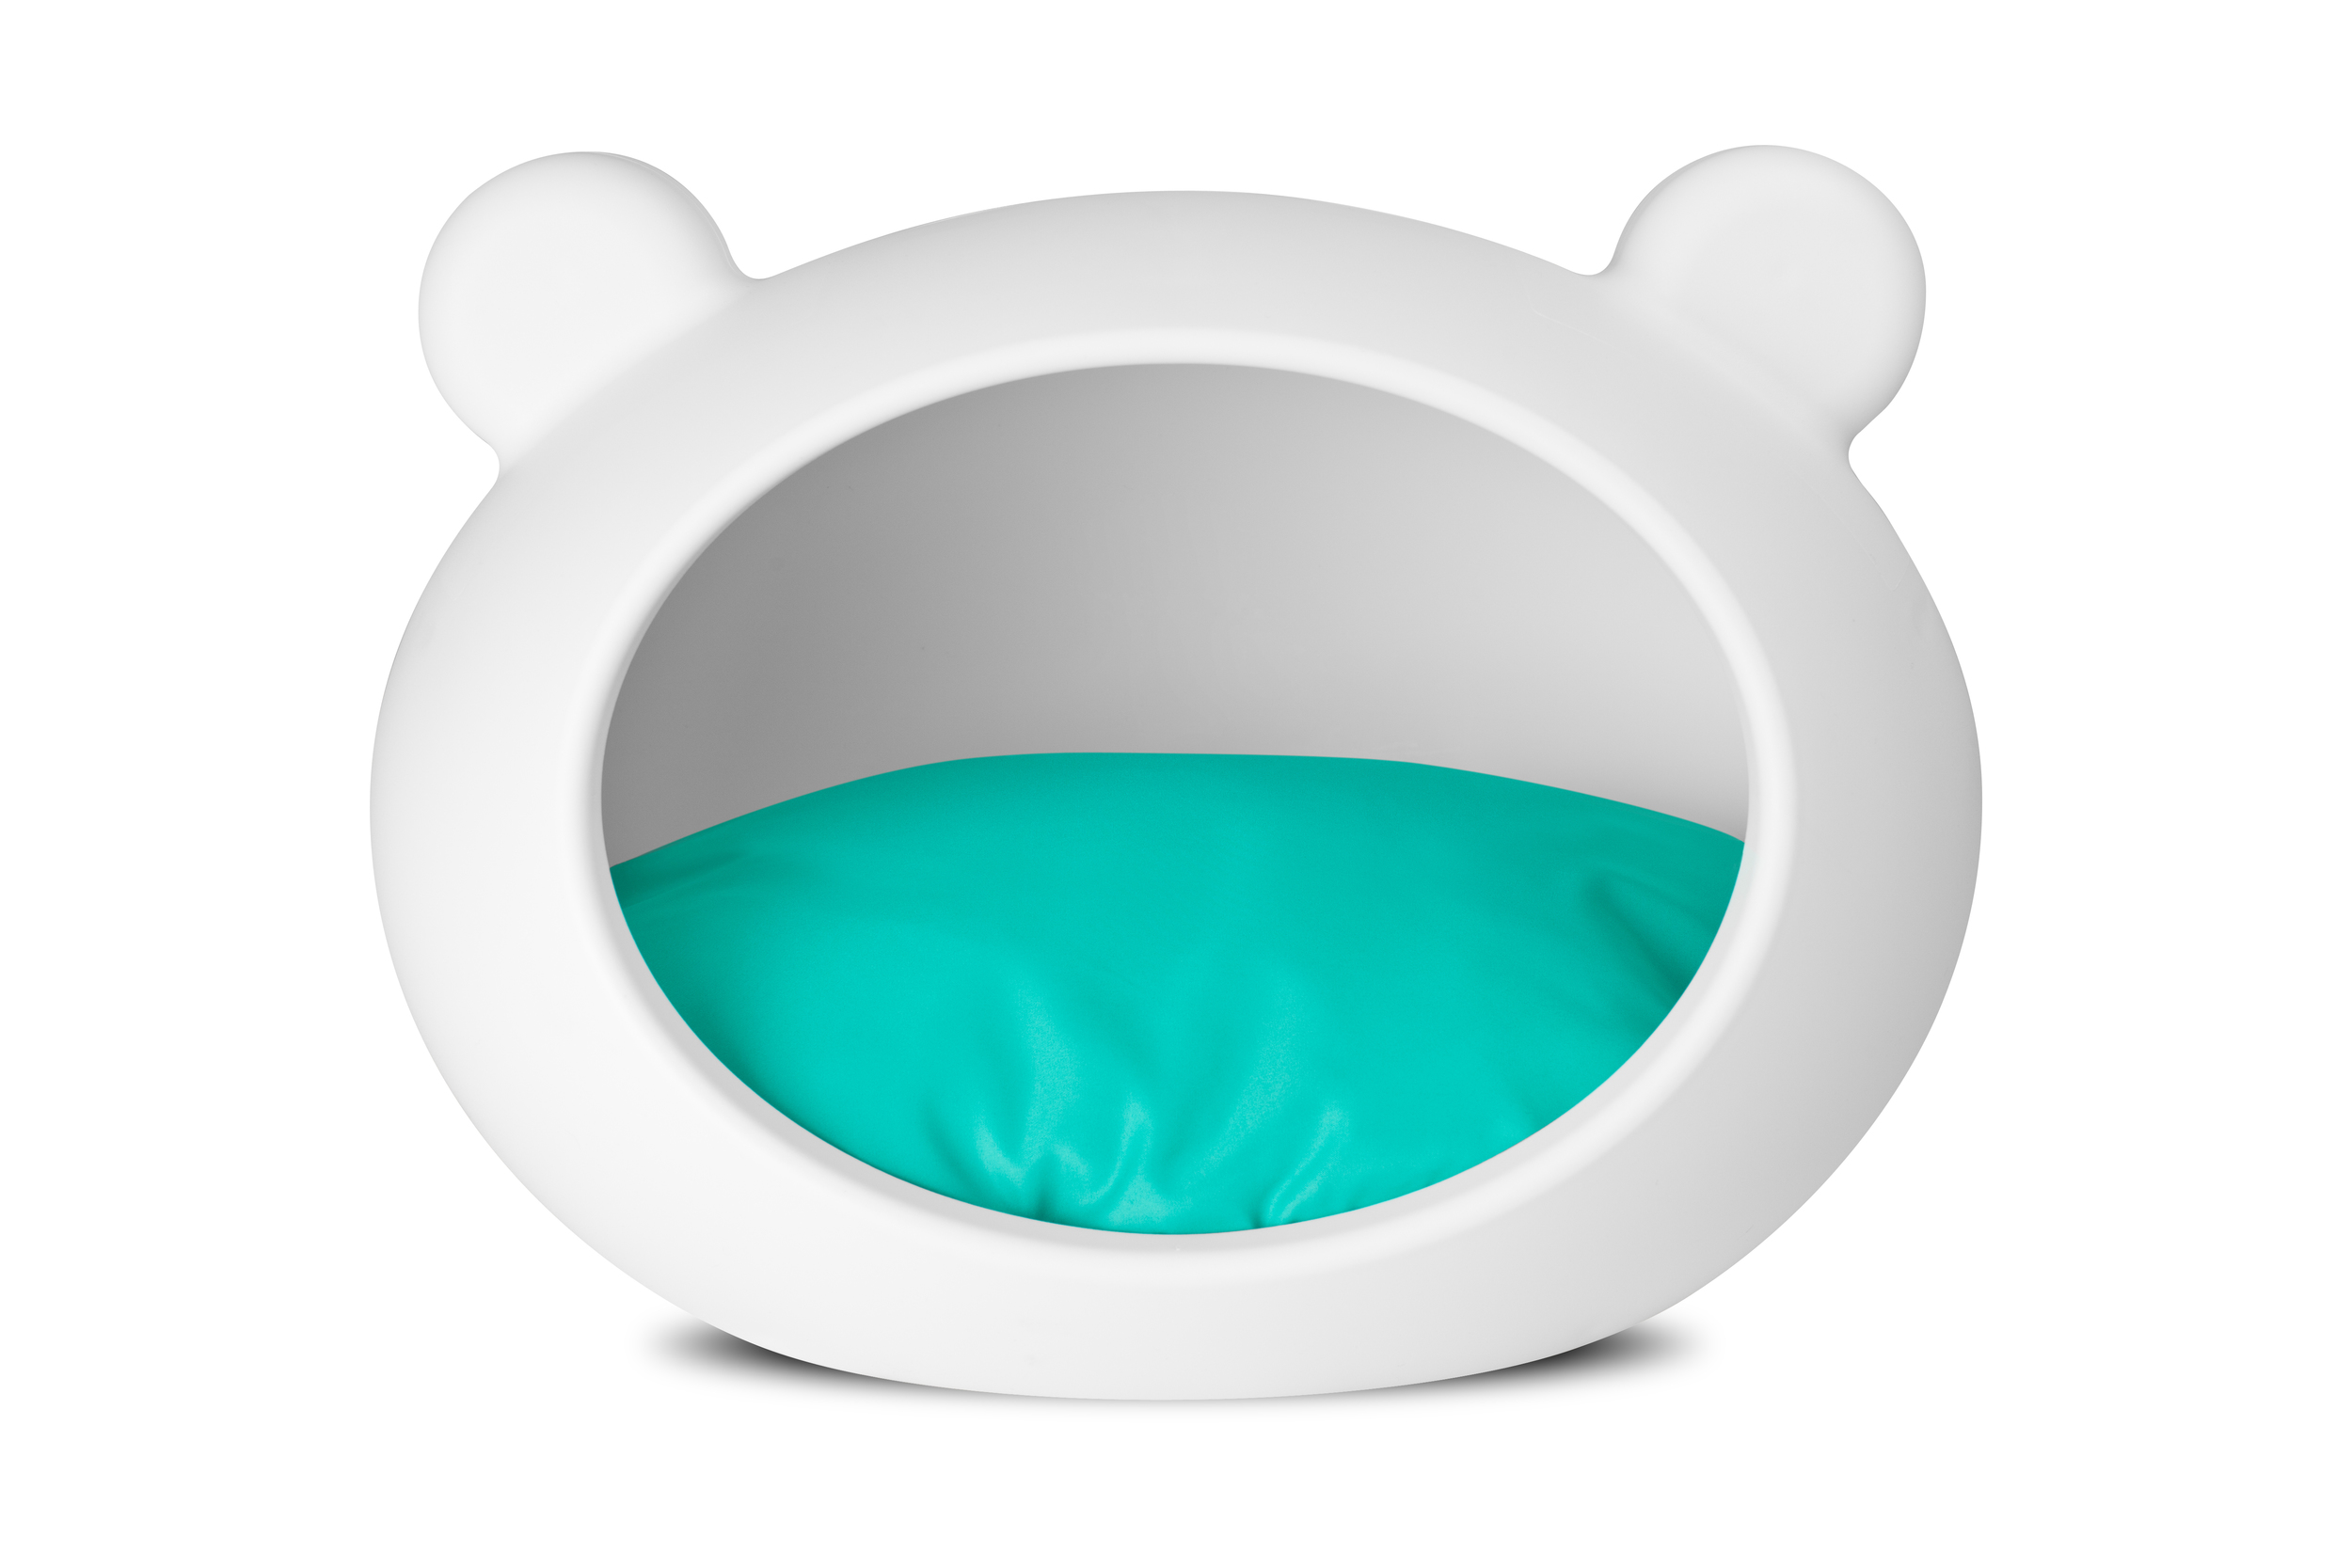 white_dog_bed_blue_cushion_guisapet.jpg